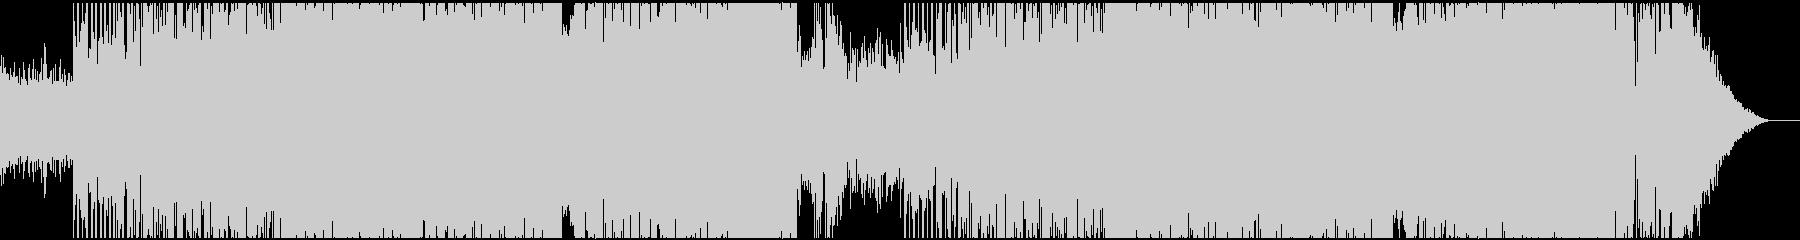 ゲーム用等 ほのぼの軽快POPロックの未再生の波形